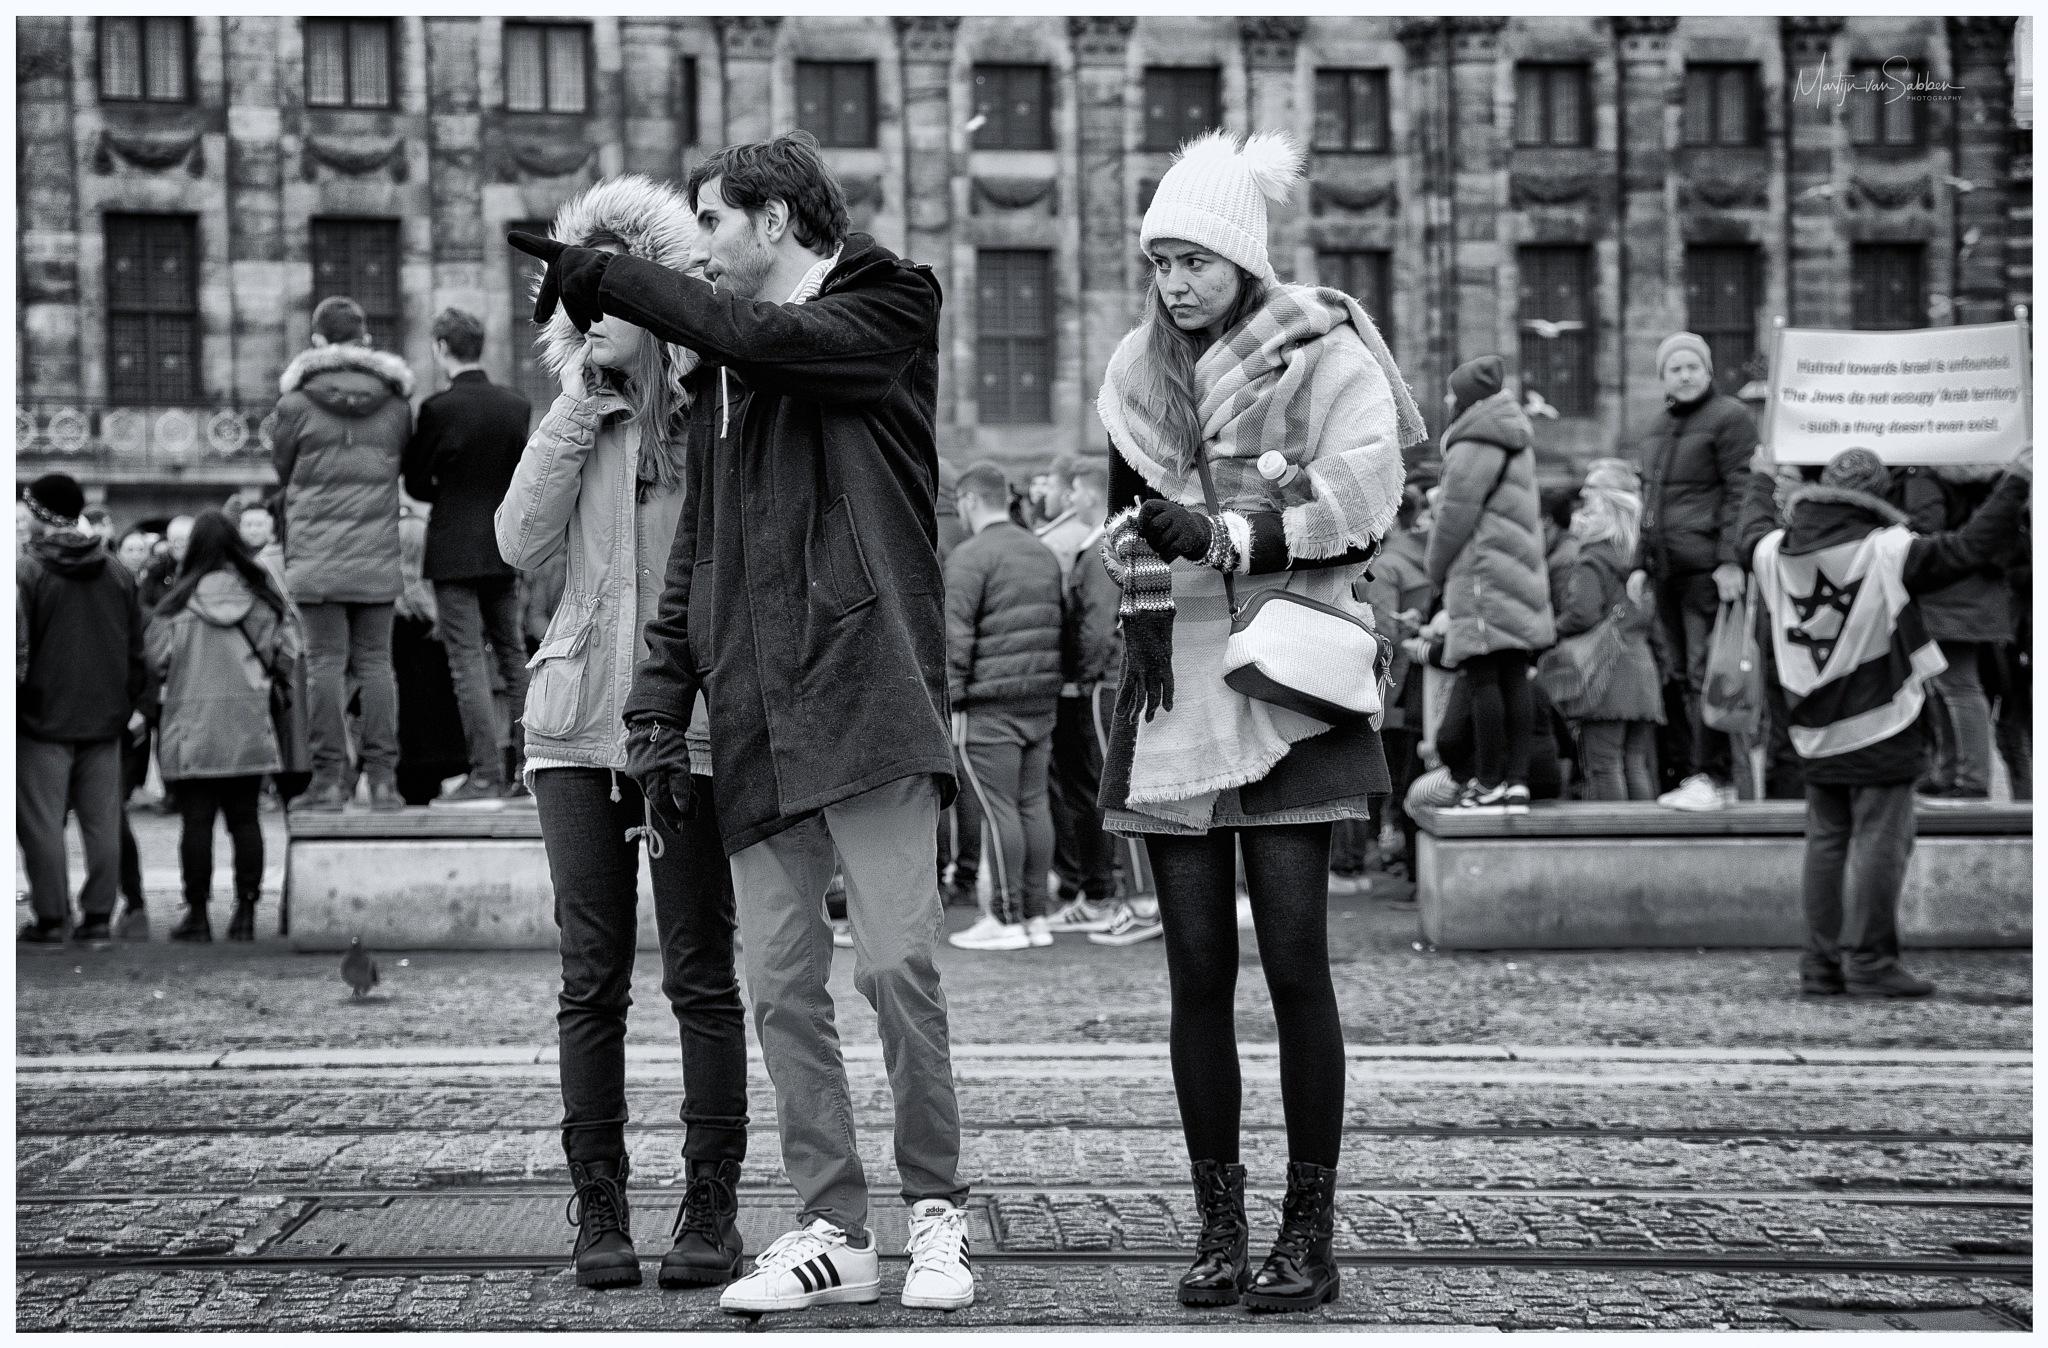 Grumpy by Martijn van Sabben